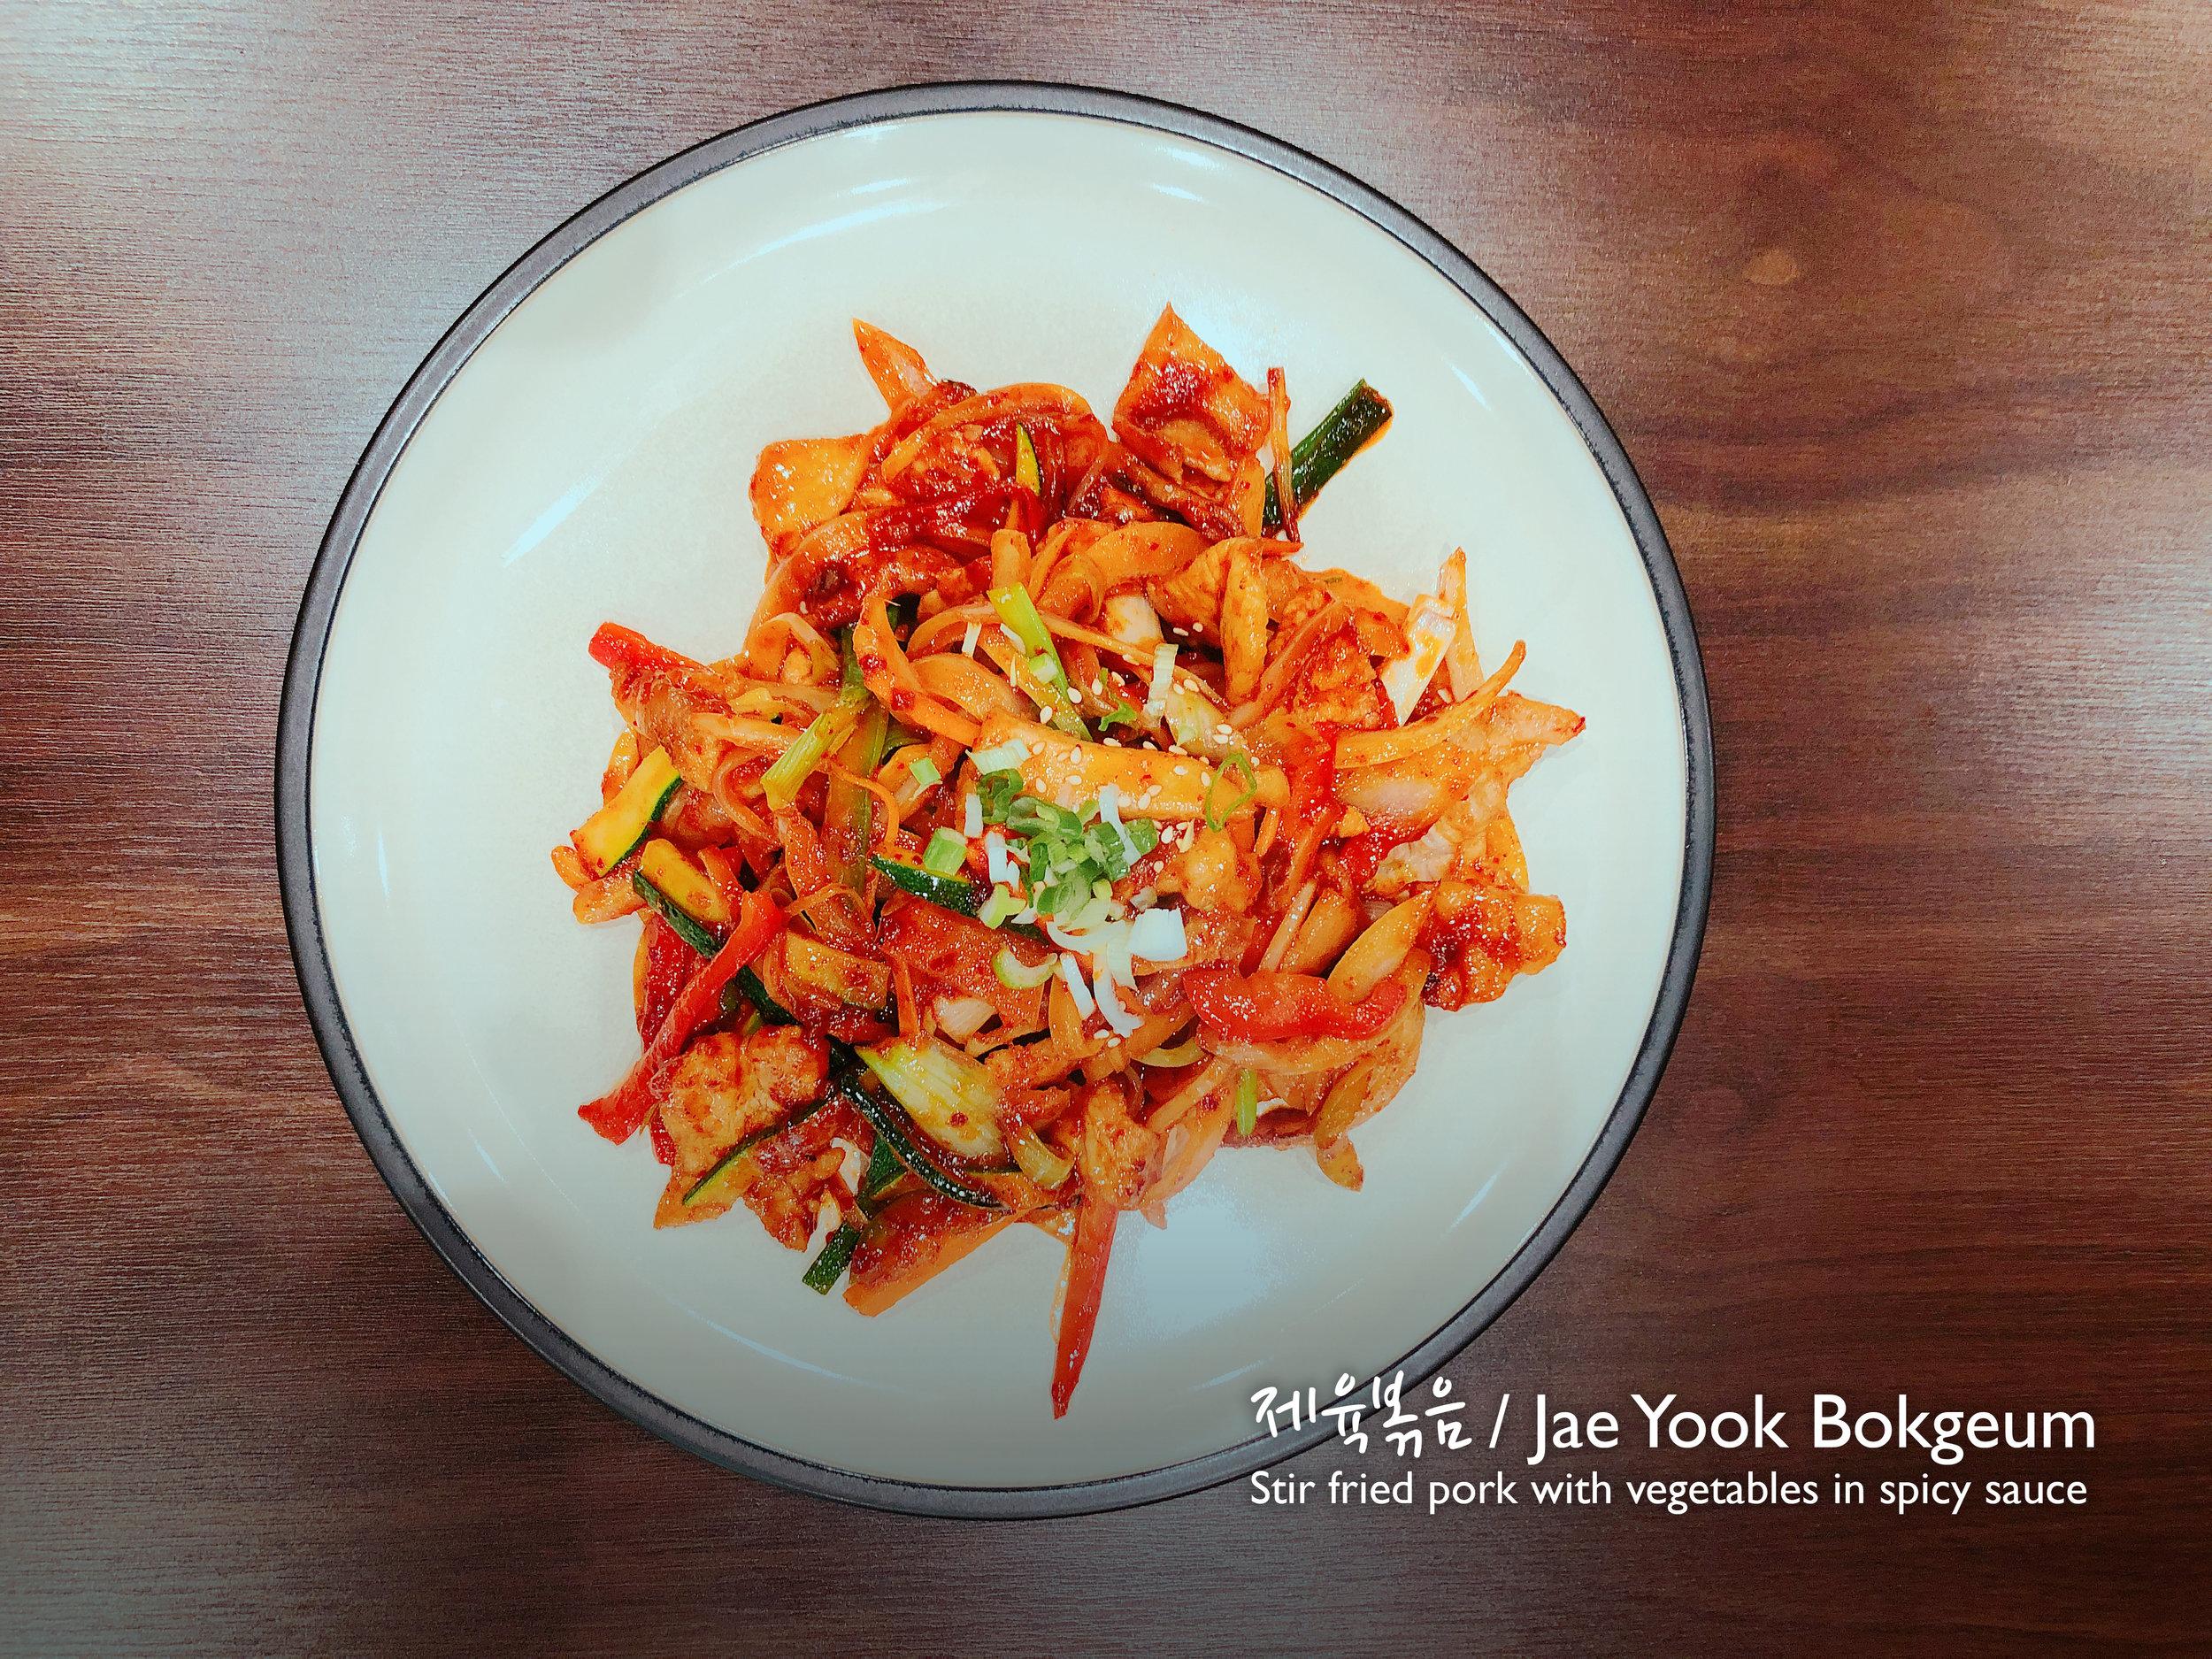 제육 볶음 / Jae Yook Bokgeum Stir fried pork belly with vegetables in spicy sauce  £8.50